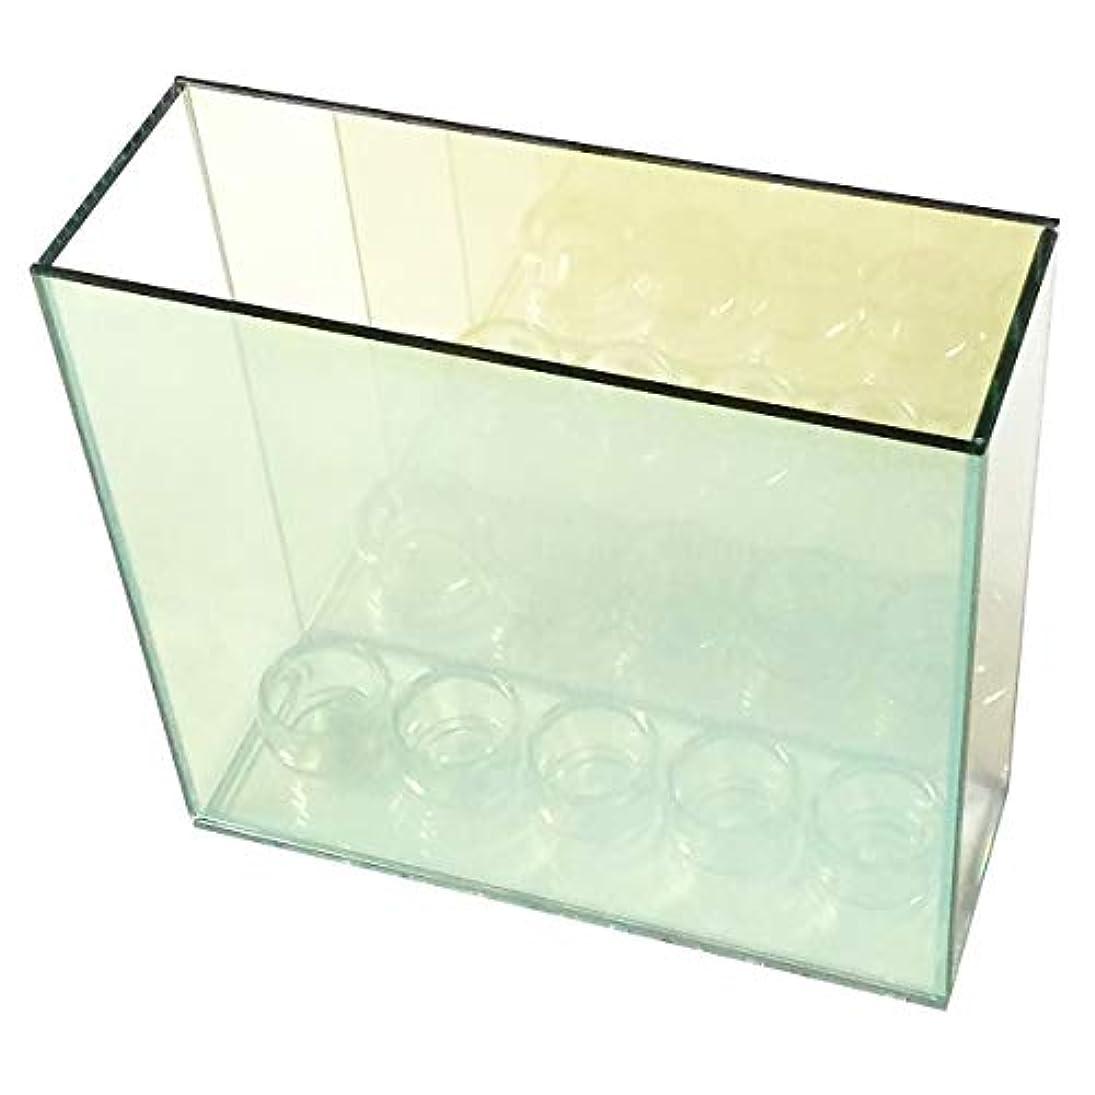 神秘ミニチュア裸無限連鎖キャンドルホルダー 5連 ガラス キャンドルスタンド ランタン ティーライトキャンドル